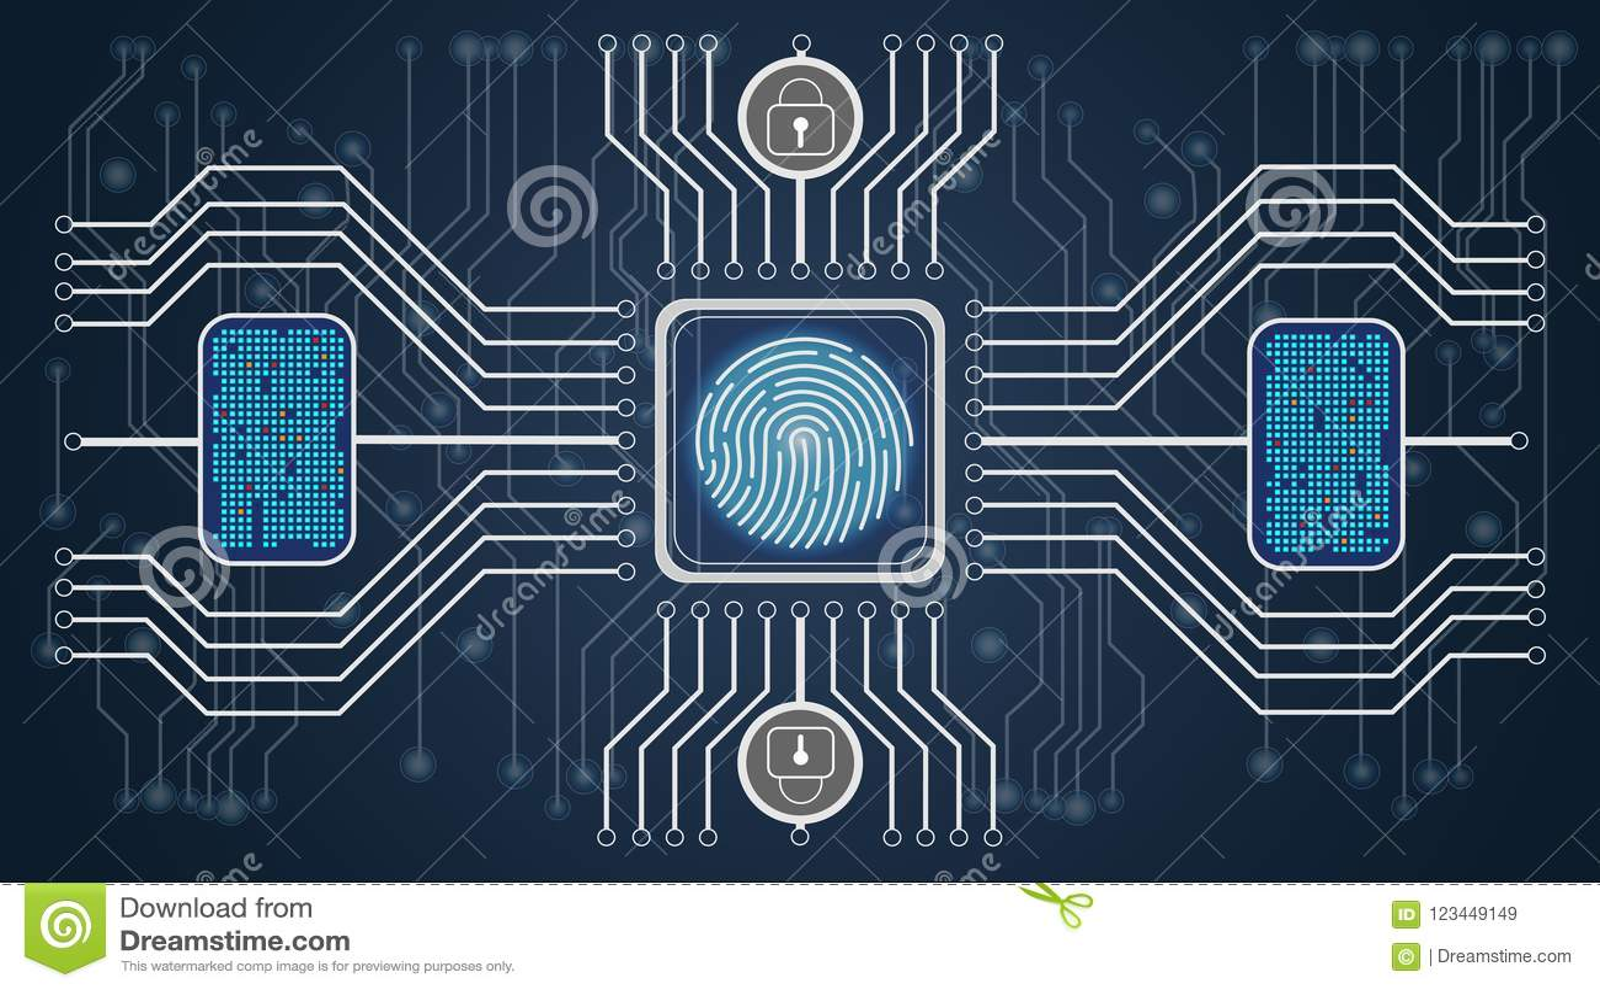 αφηρημένος μπλε φουτουριστικός ανασκόπησης Βιομετρική επιβεβαίωση ελέγχου και προσωπικότητας Σχέδιο του ελέγχου των δακτυλικών απ